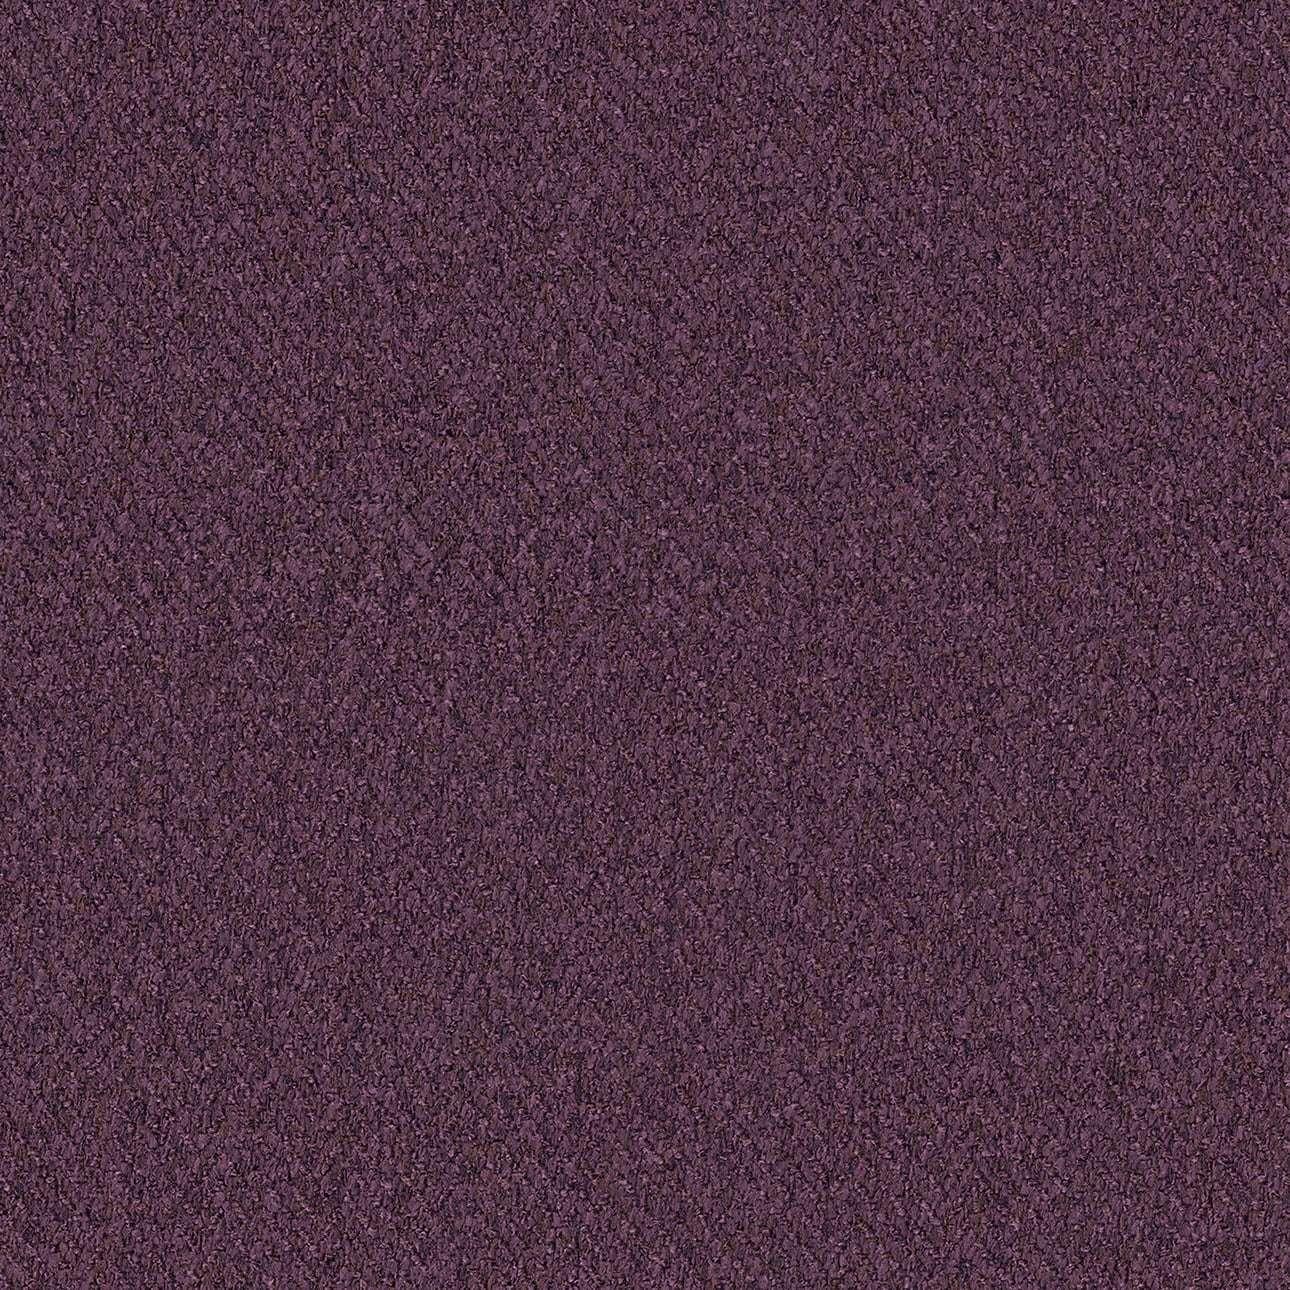 Klappsta klädsel Fåtölj i kollektionen Living, Tyg: 160-76